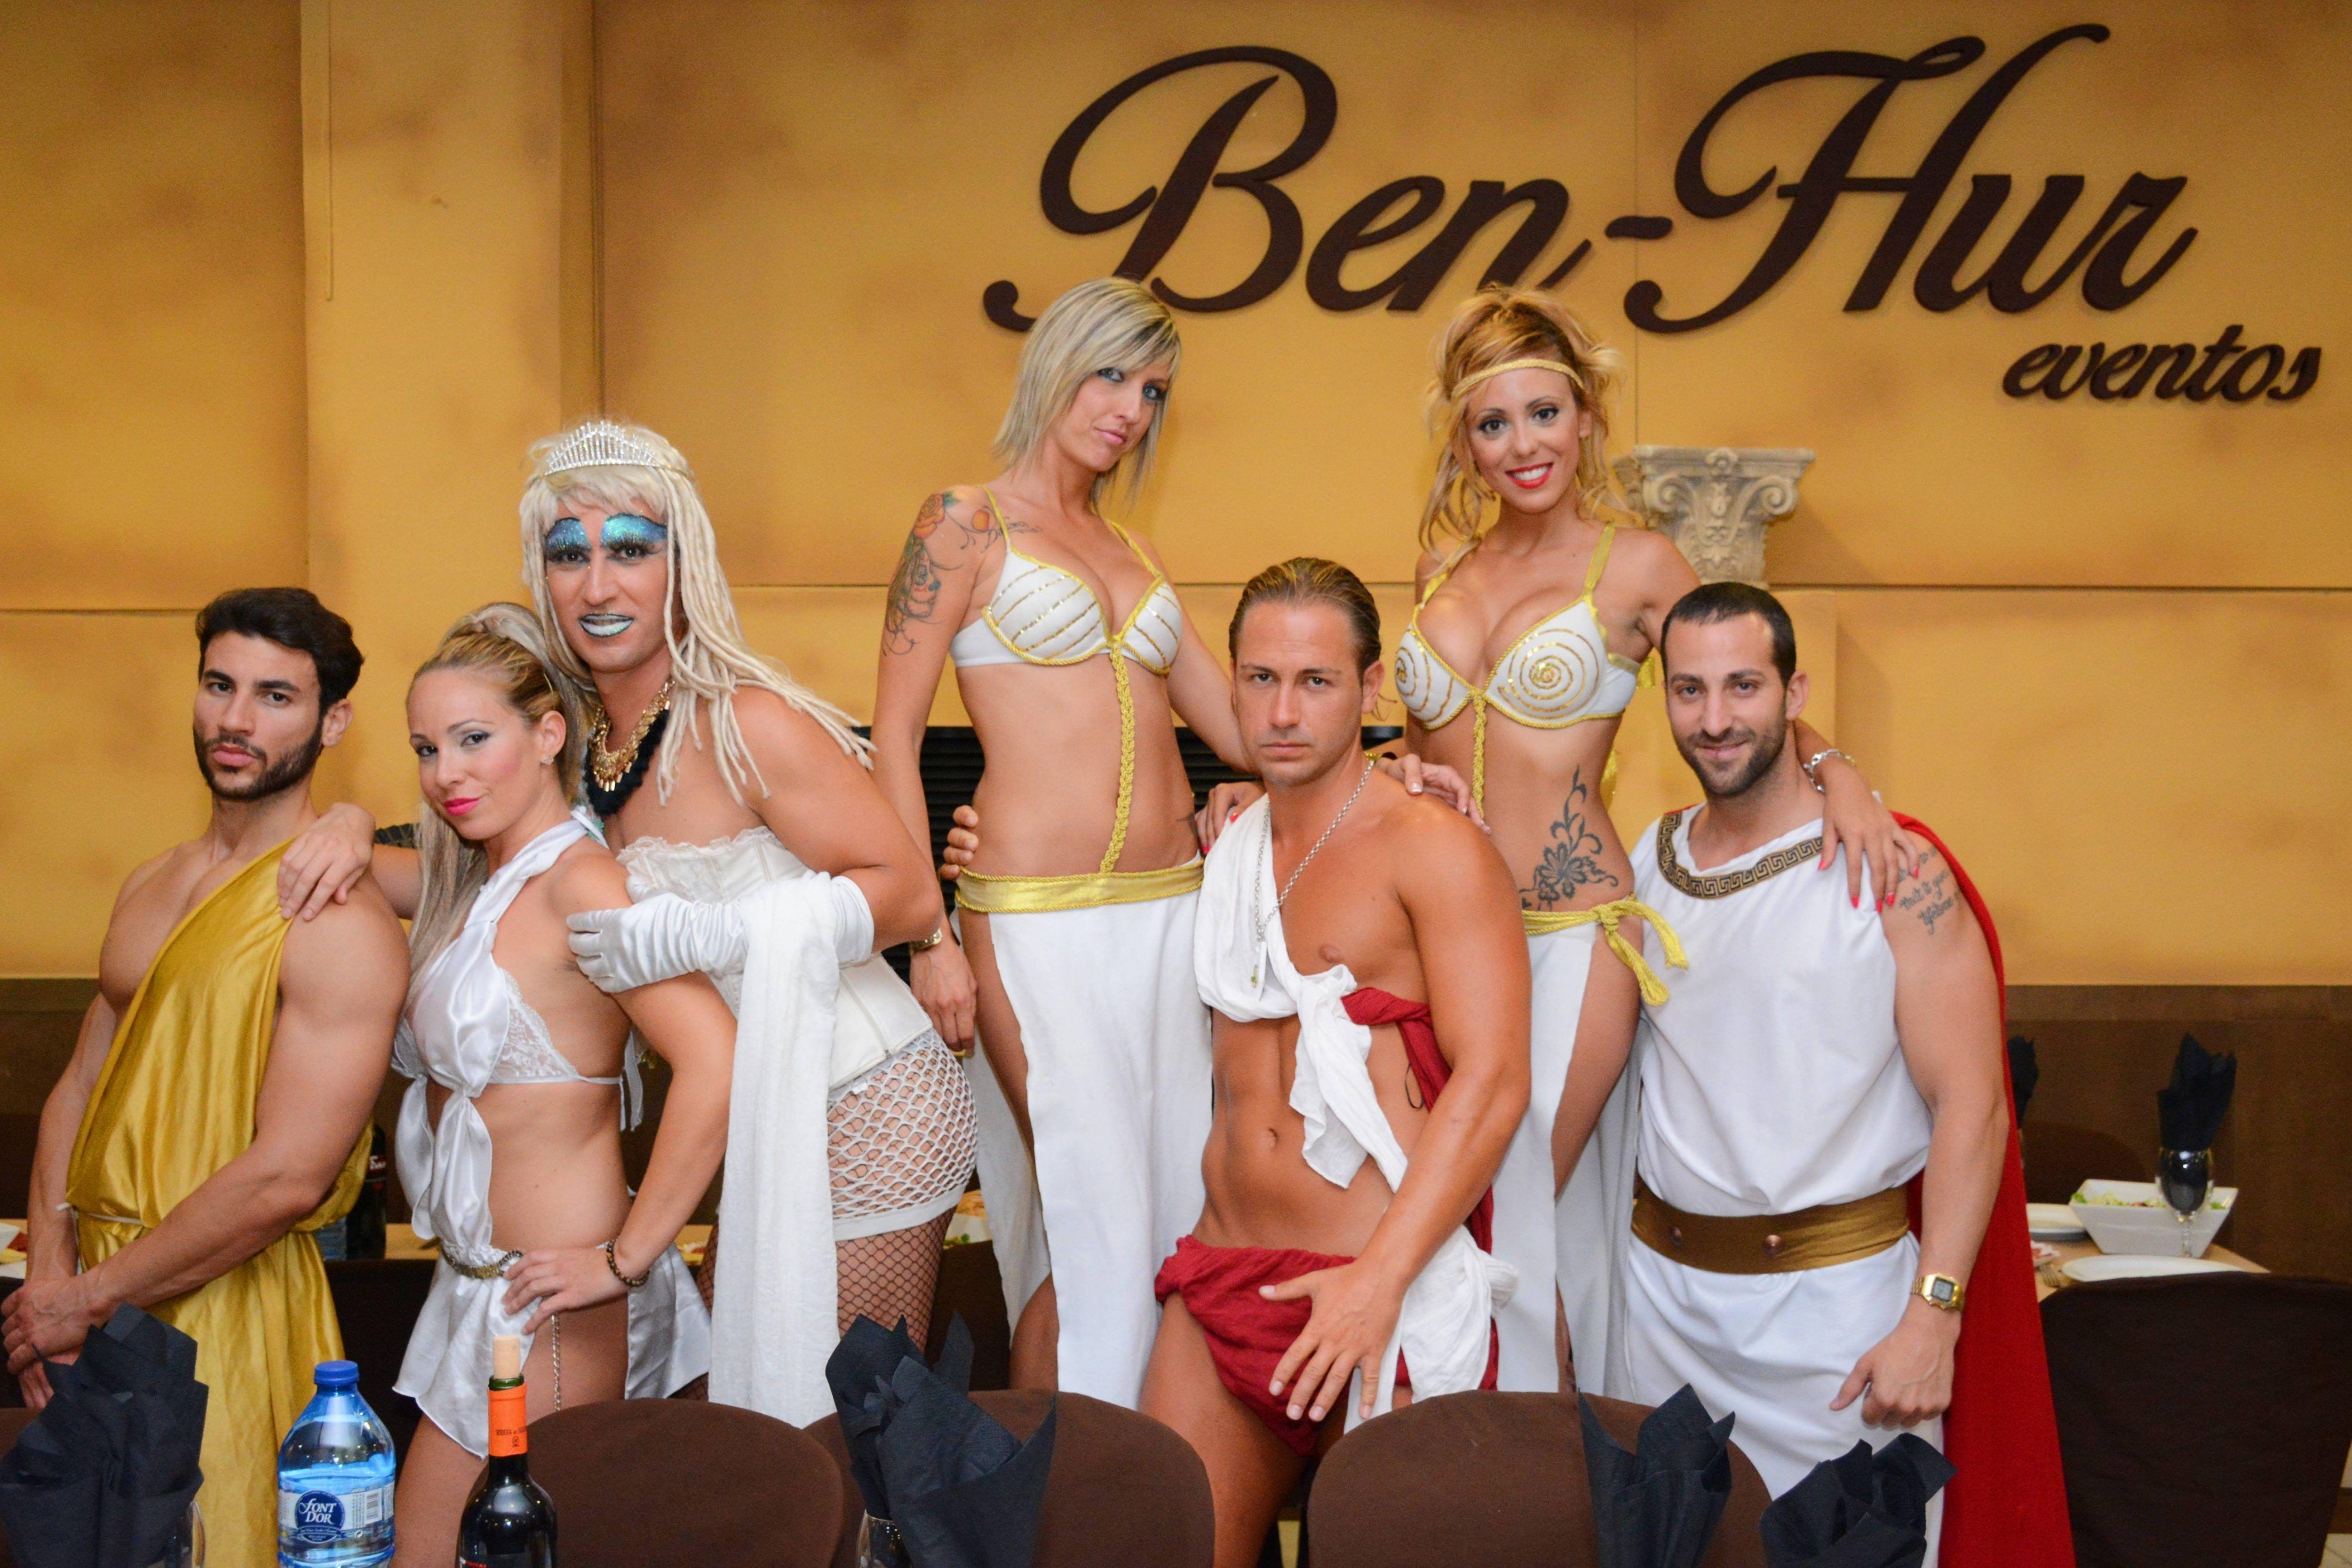 Despedida de soltera en Ben-Hur, Benidorm, Animadores.